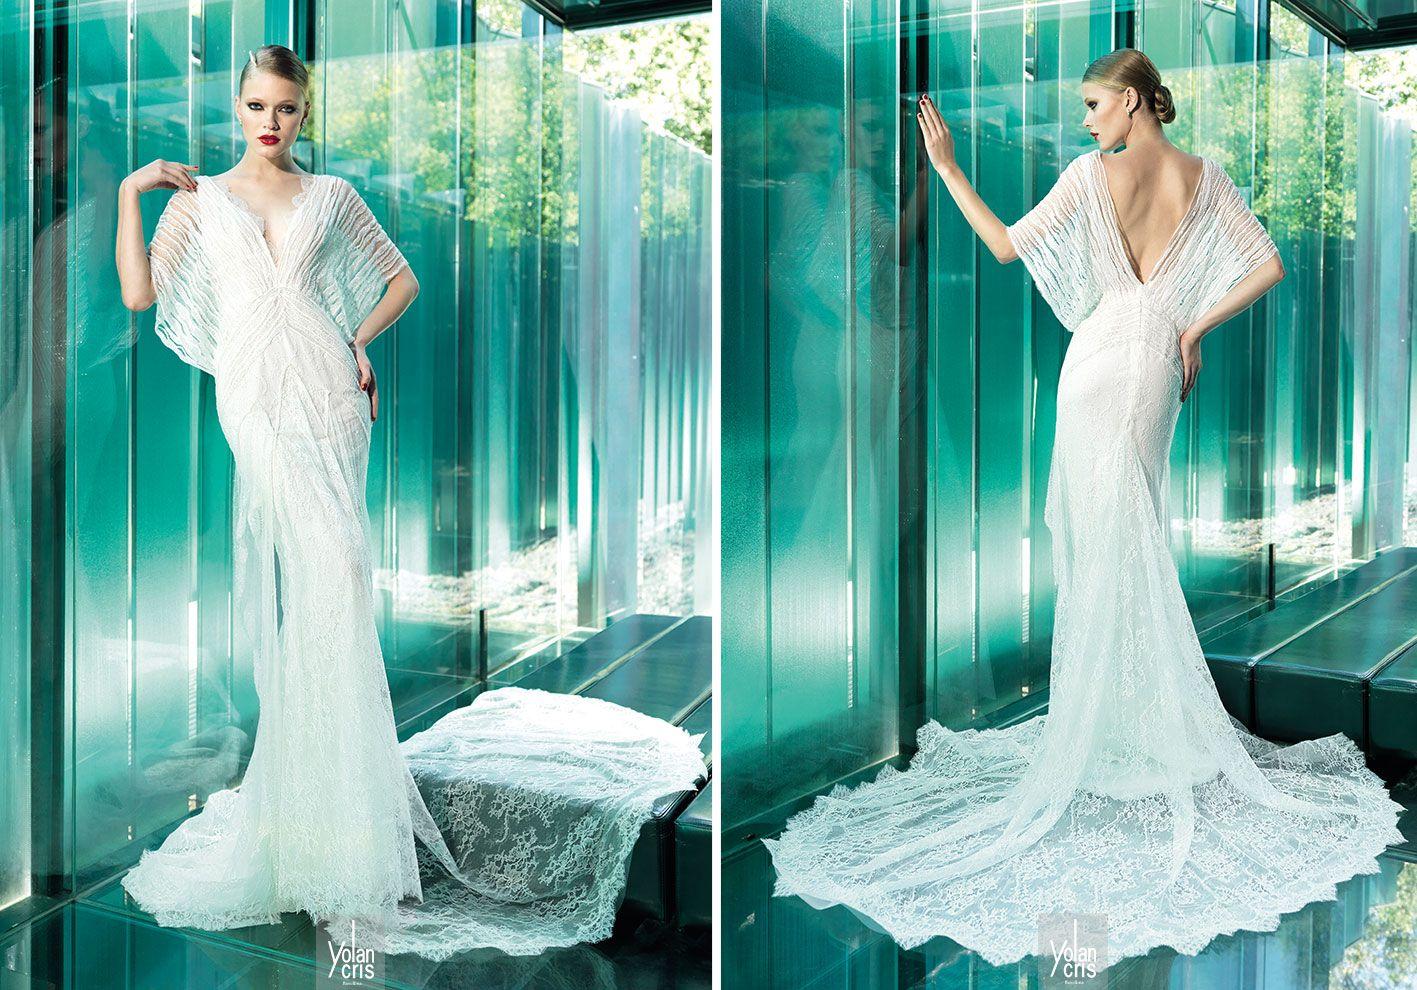 YolanCris | vestidos de novia alta costura y estilo vintage 2015 ...